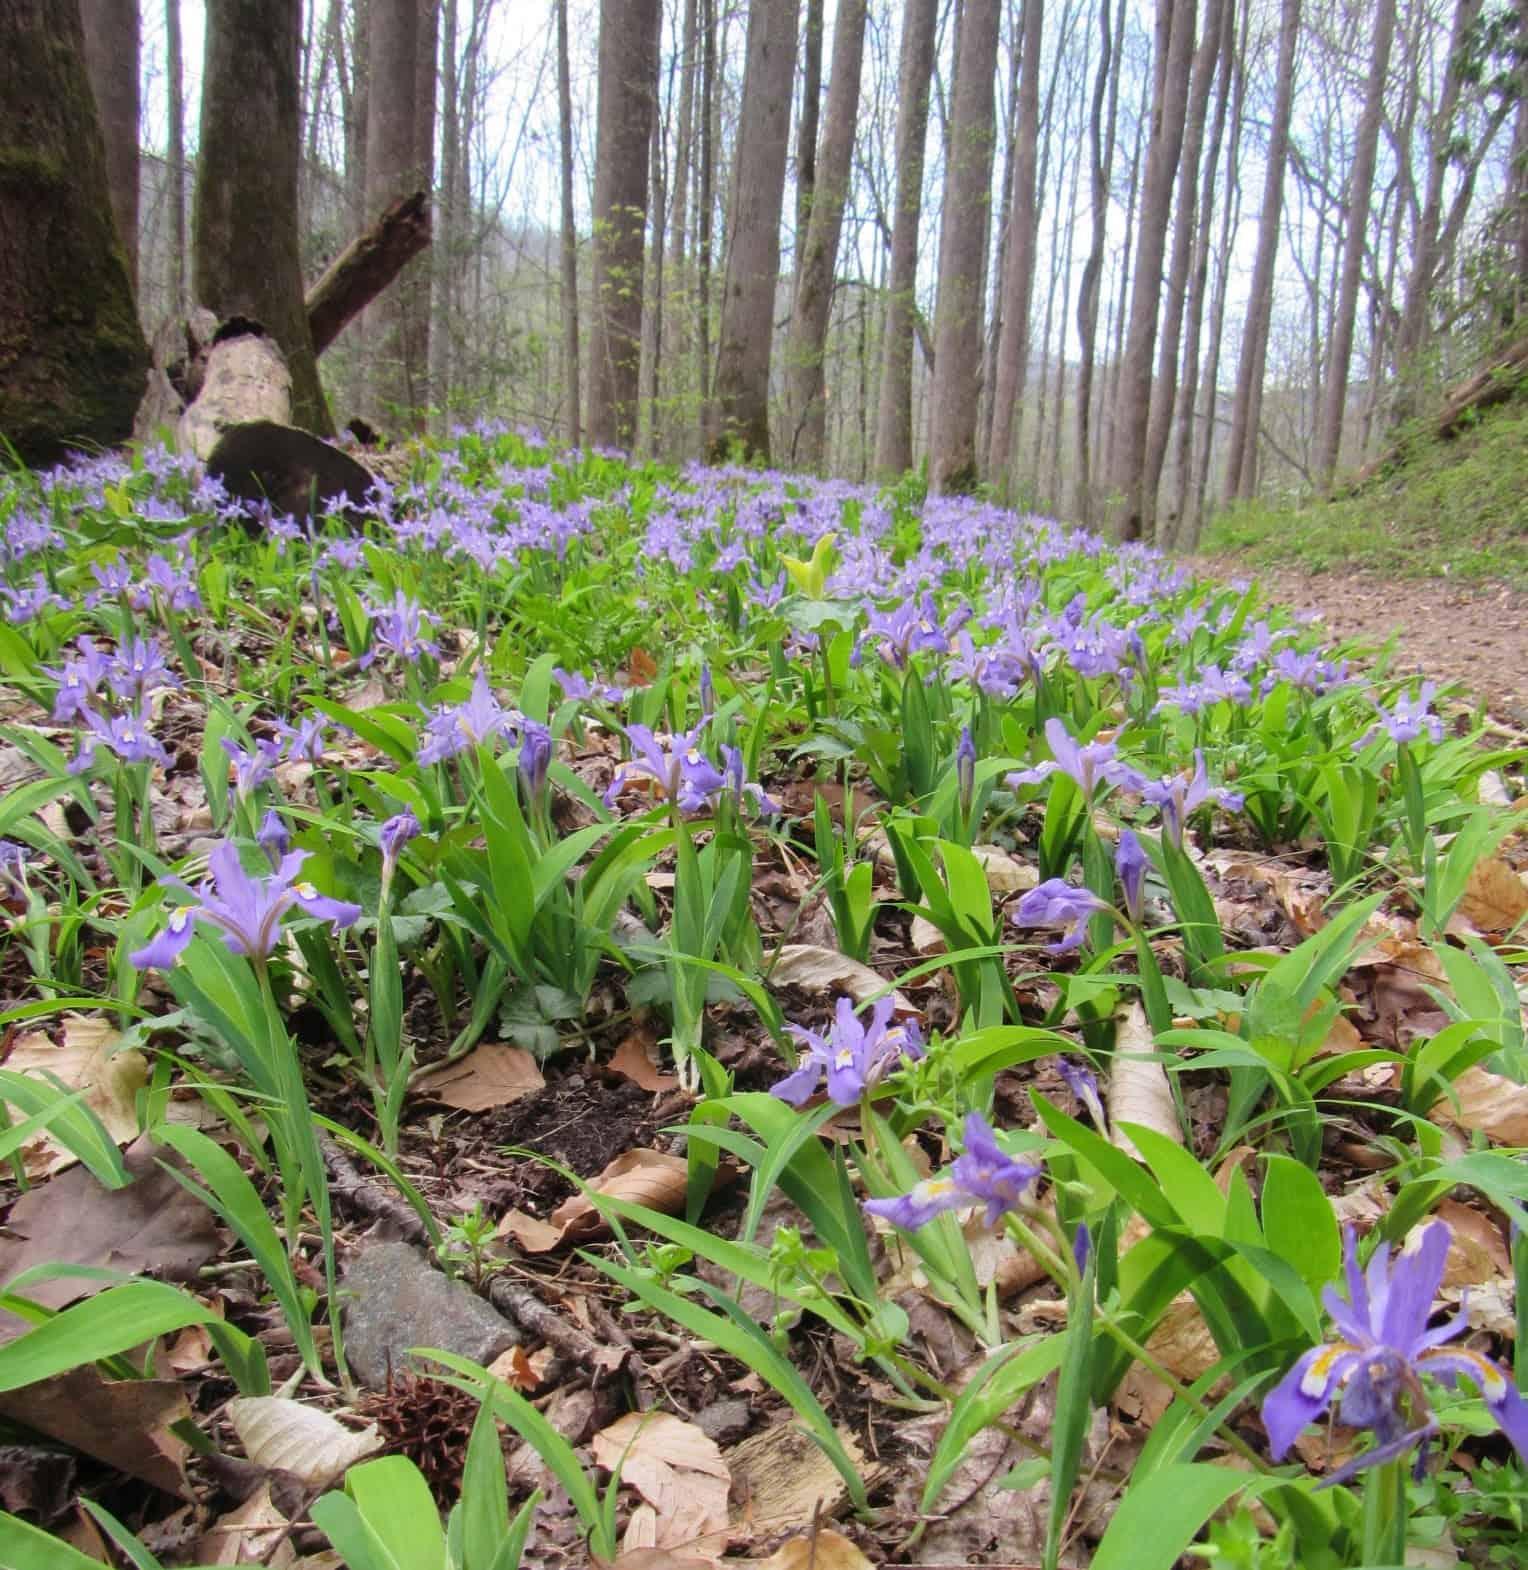 Haywood Waterways Spring hike